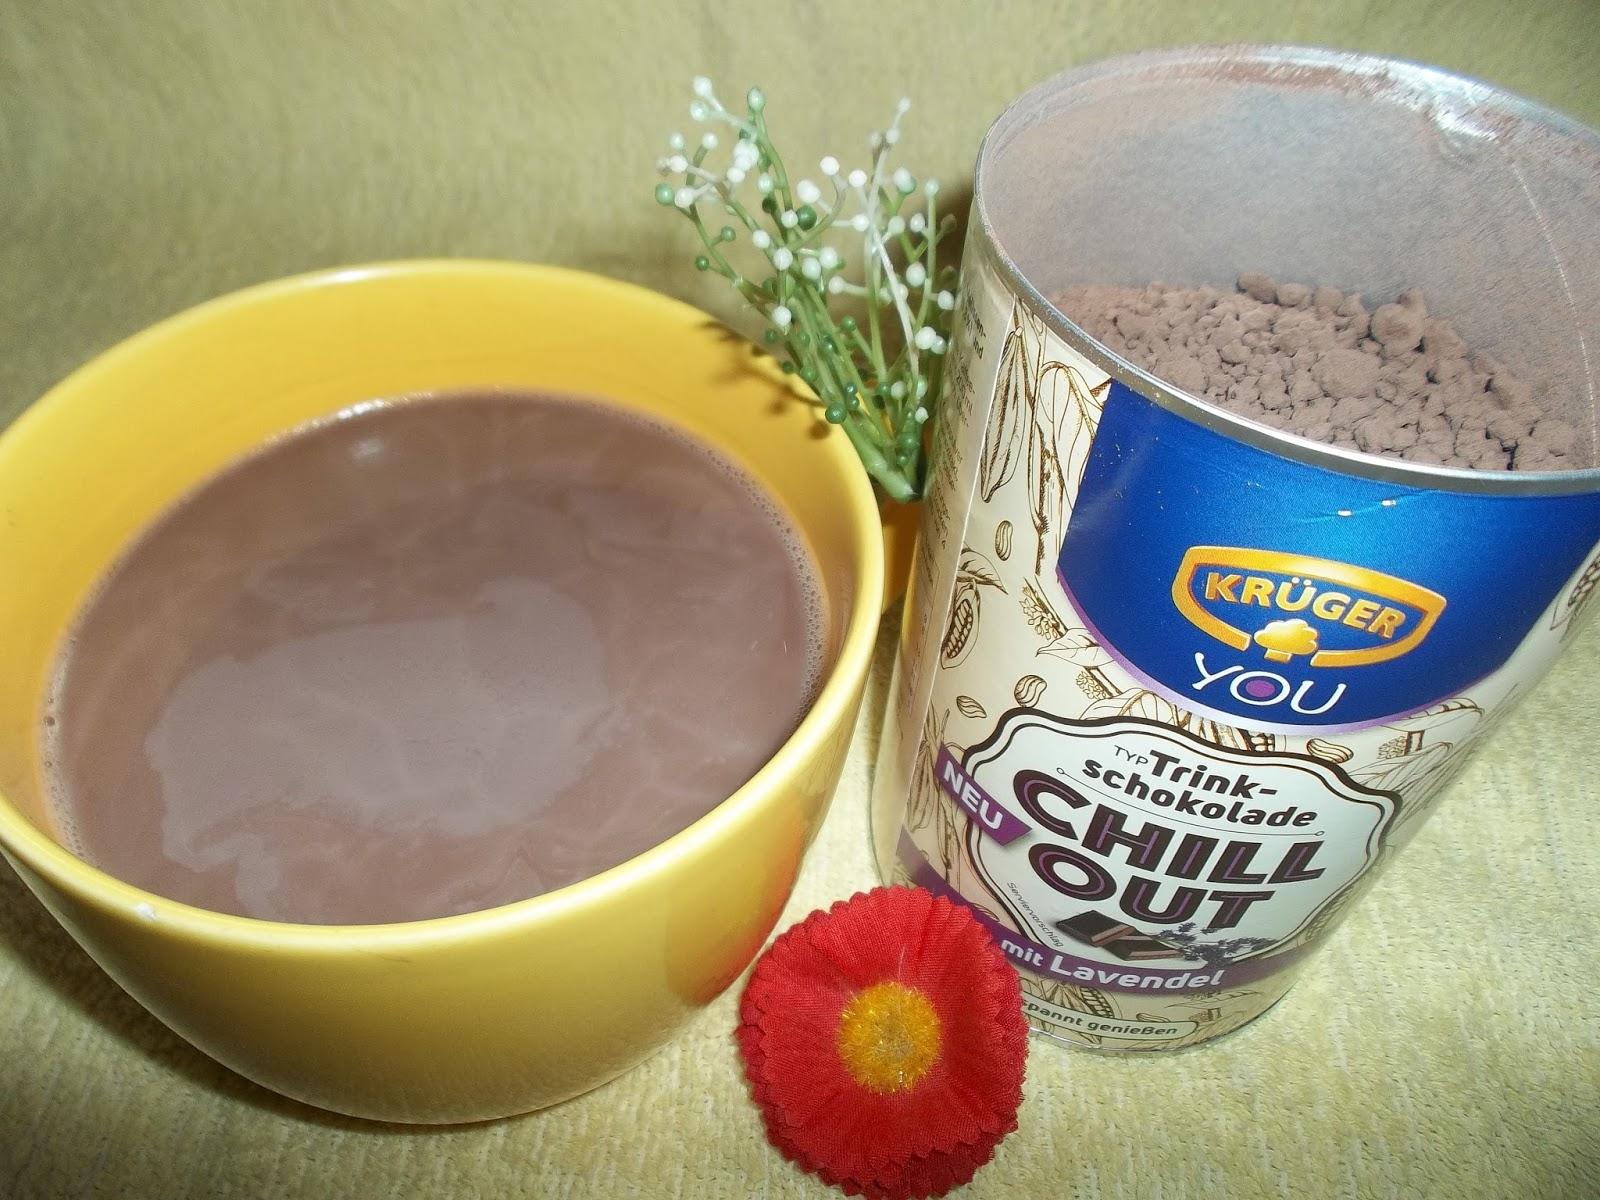 Absolut ehrlich!*****: Trinkschokolade Chill Out Lavendel von Krüger